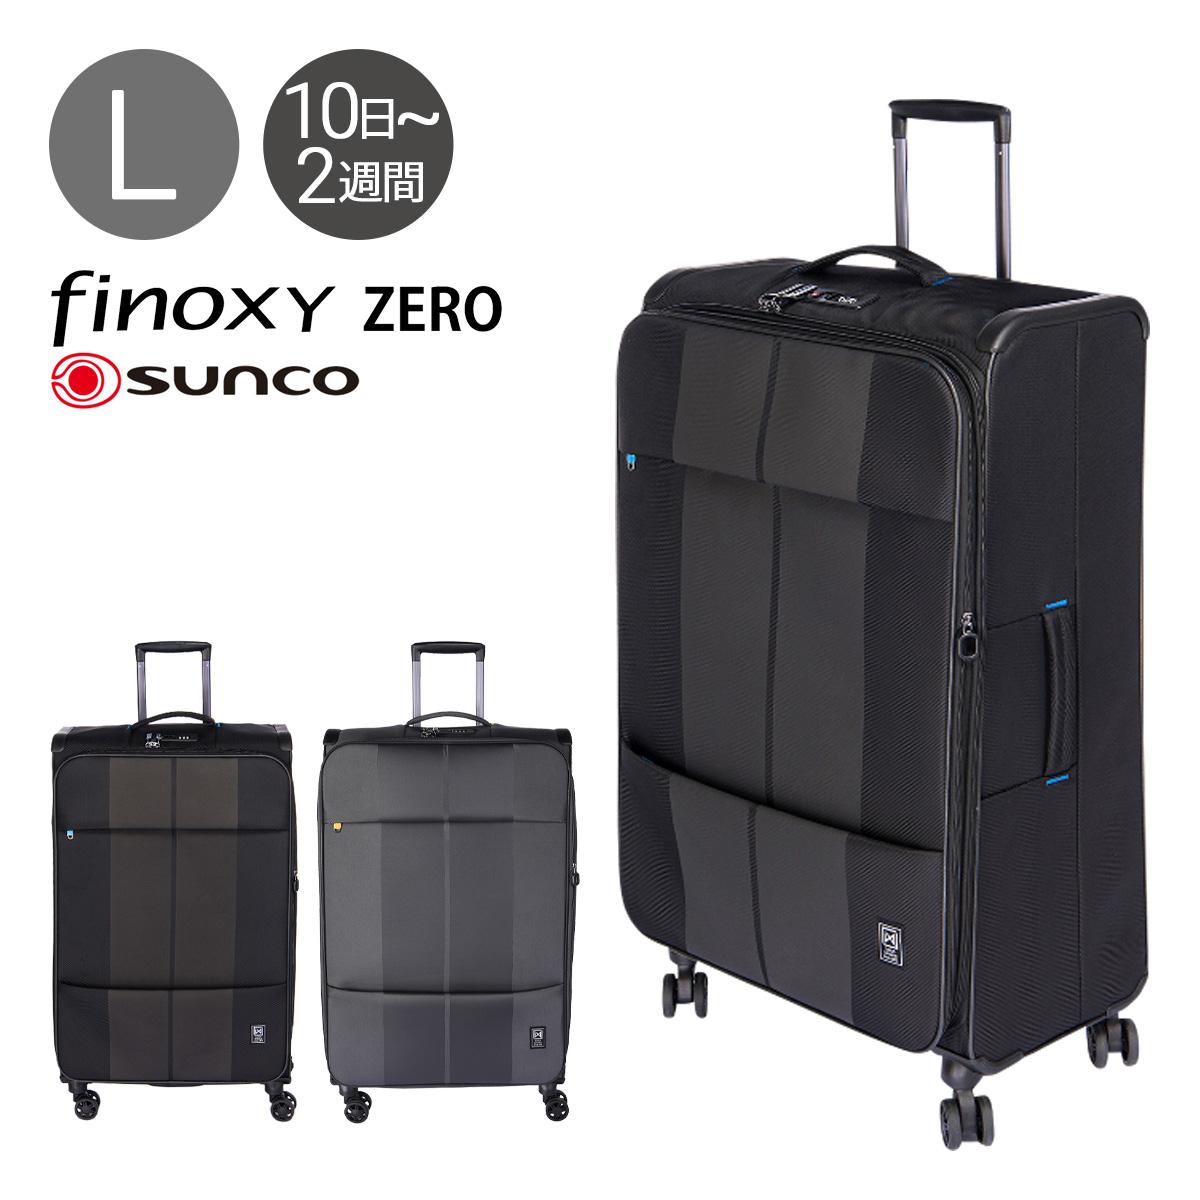 サンコー スーツケース 88L 88L 72cm 3.1kg ソフト ソフト ファスナー SUNCO フィノキシーゼロ FNZR-72 SUNCO   キャリーバッグ 軽量 拡張[PO10][即日発送], シラハマチョウ:5ebc92db --- sunward.msk.ru